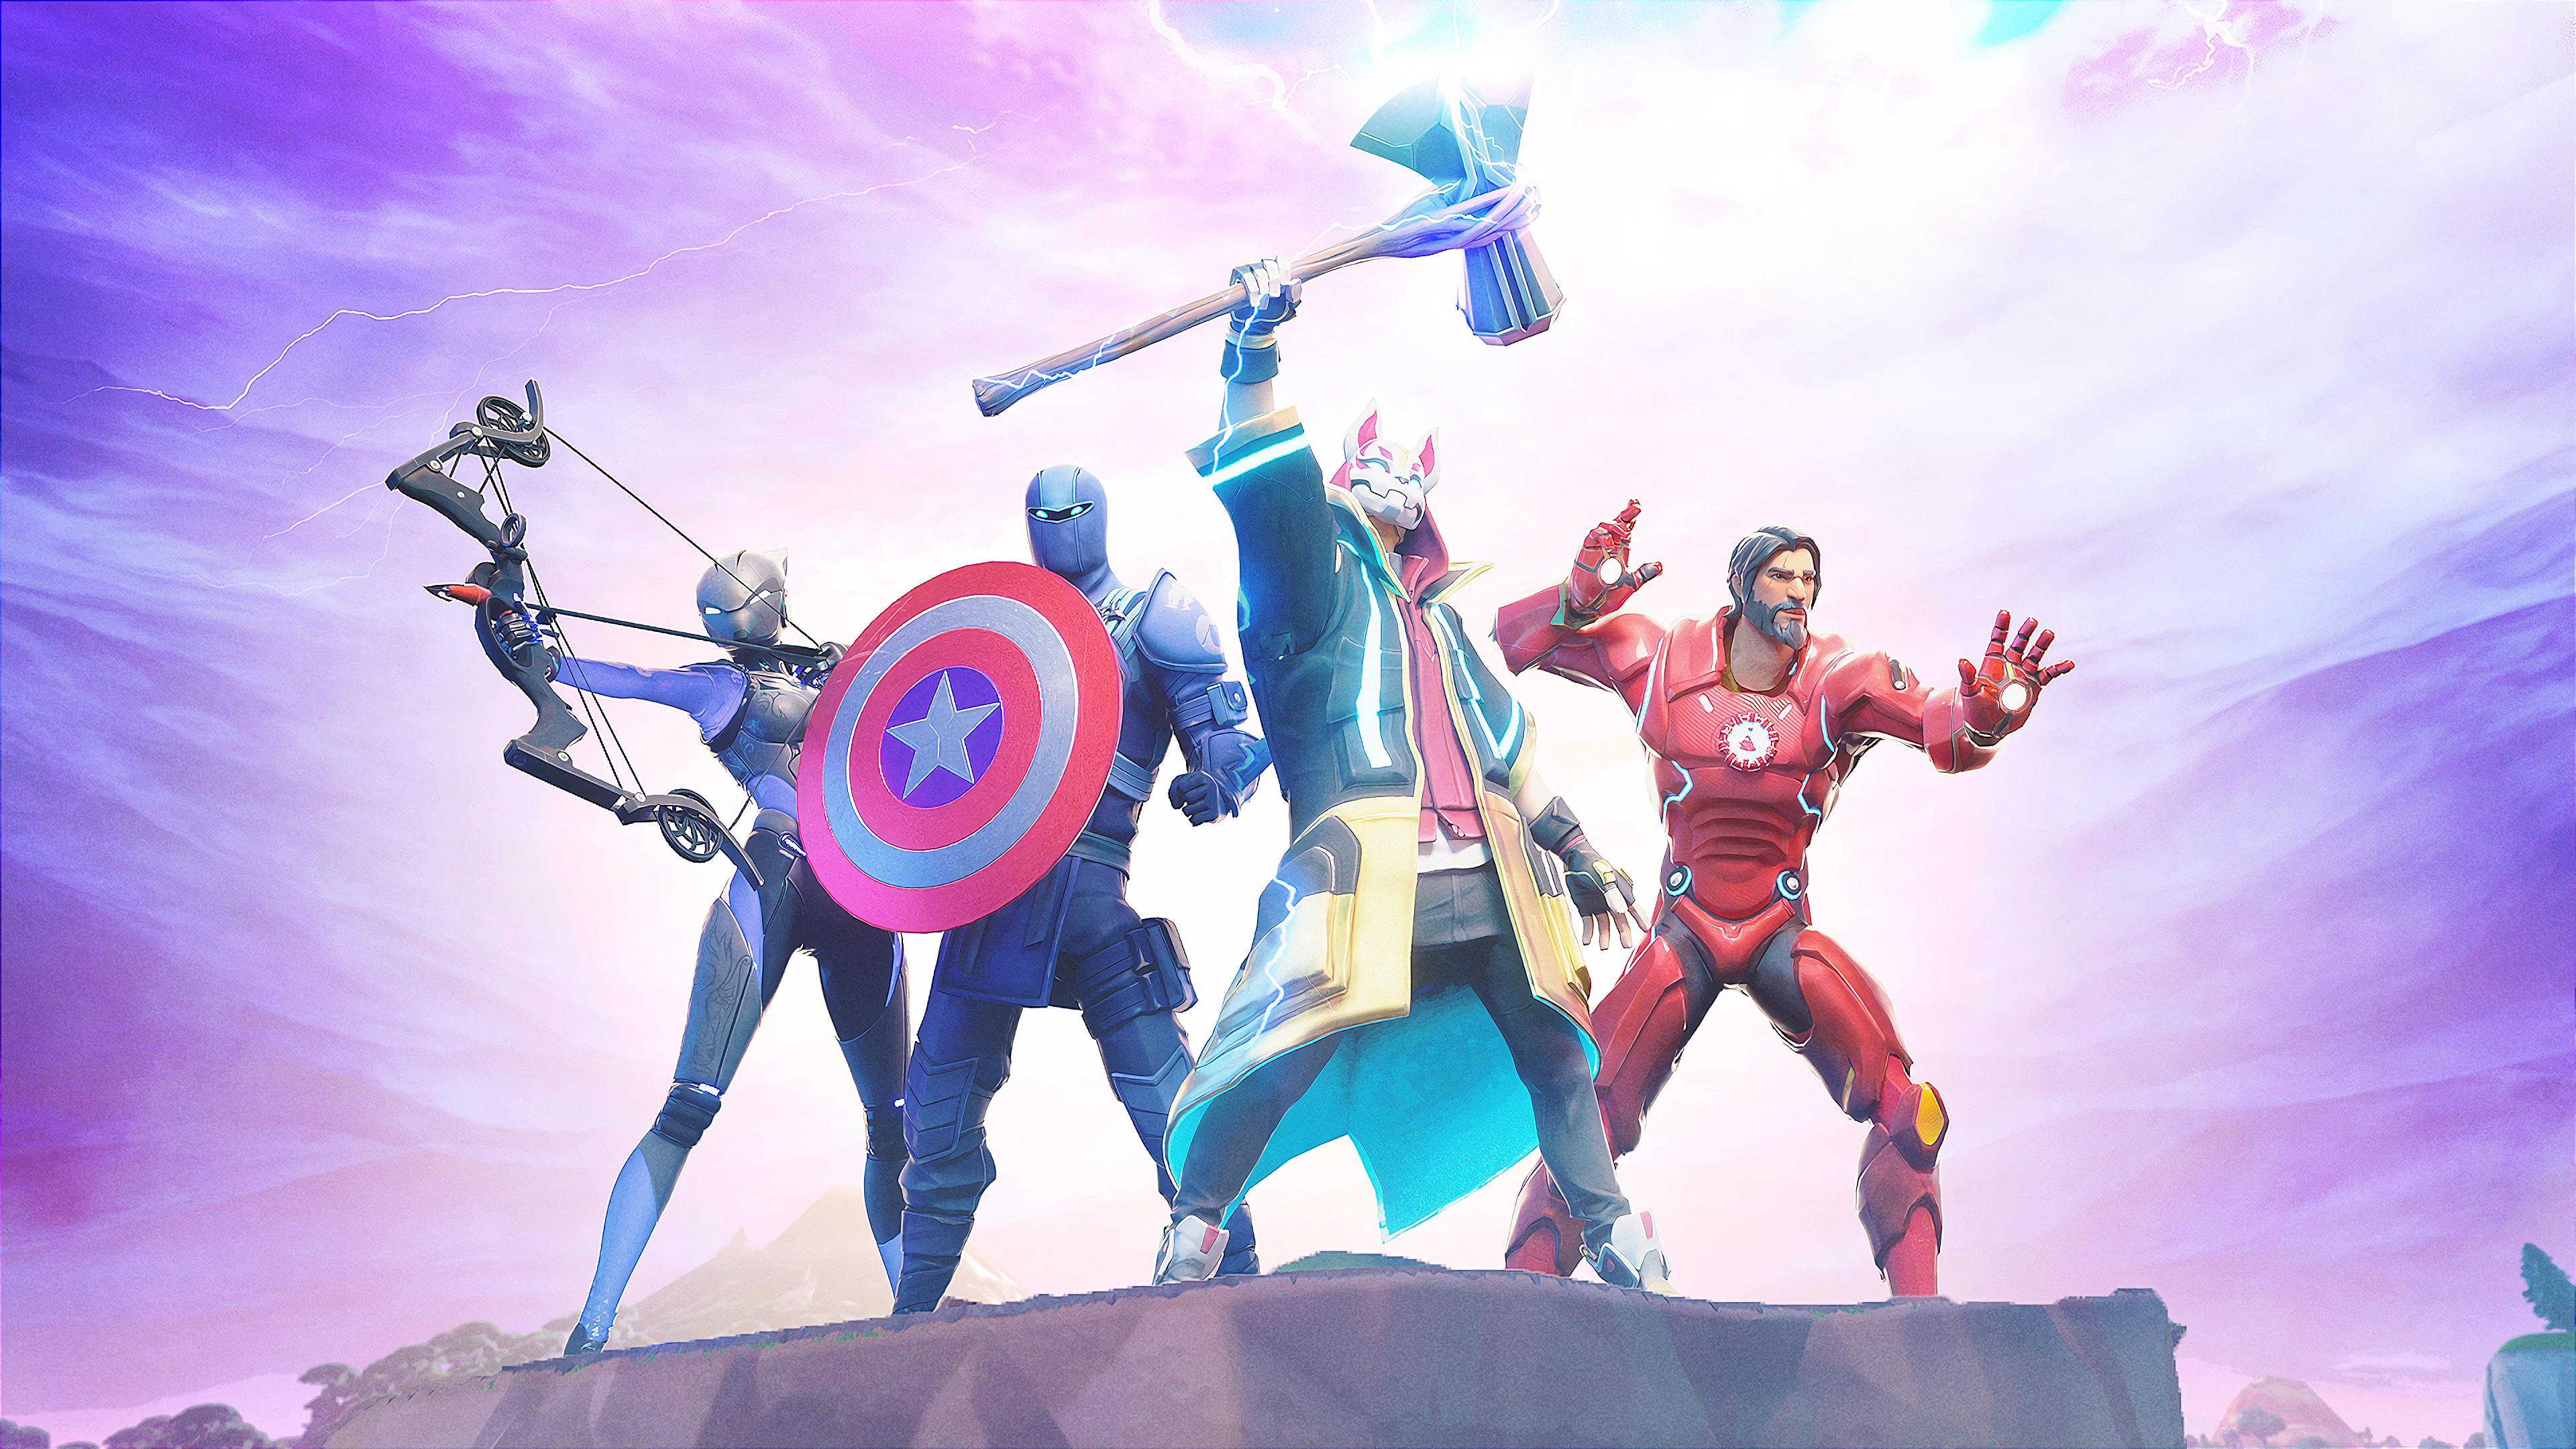 Fortnite Avengers Stormbreaker 4k Wallpaper 283